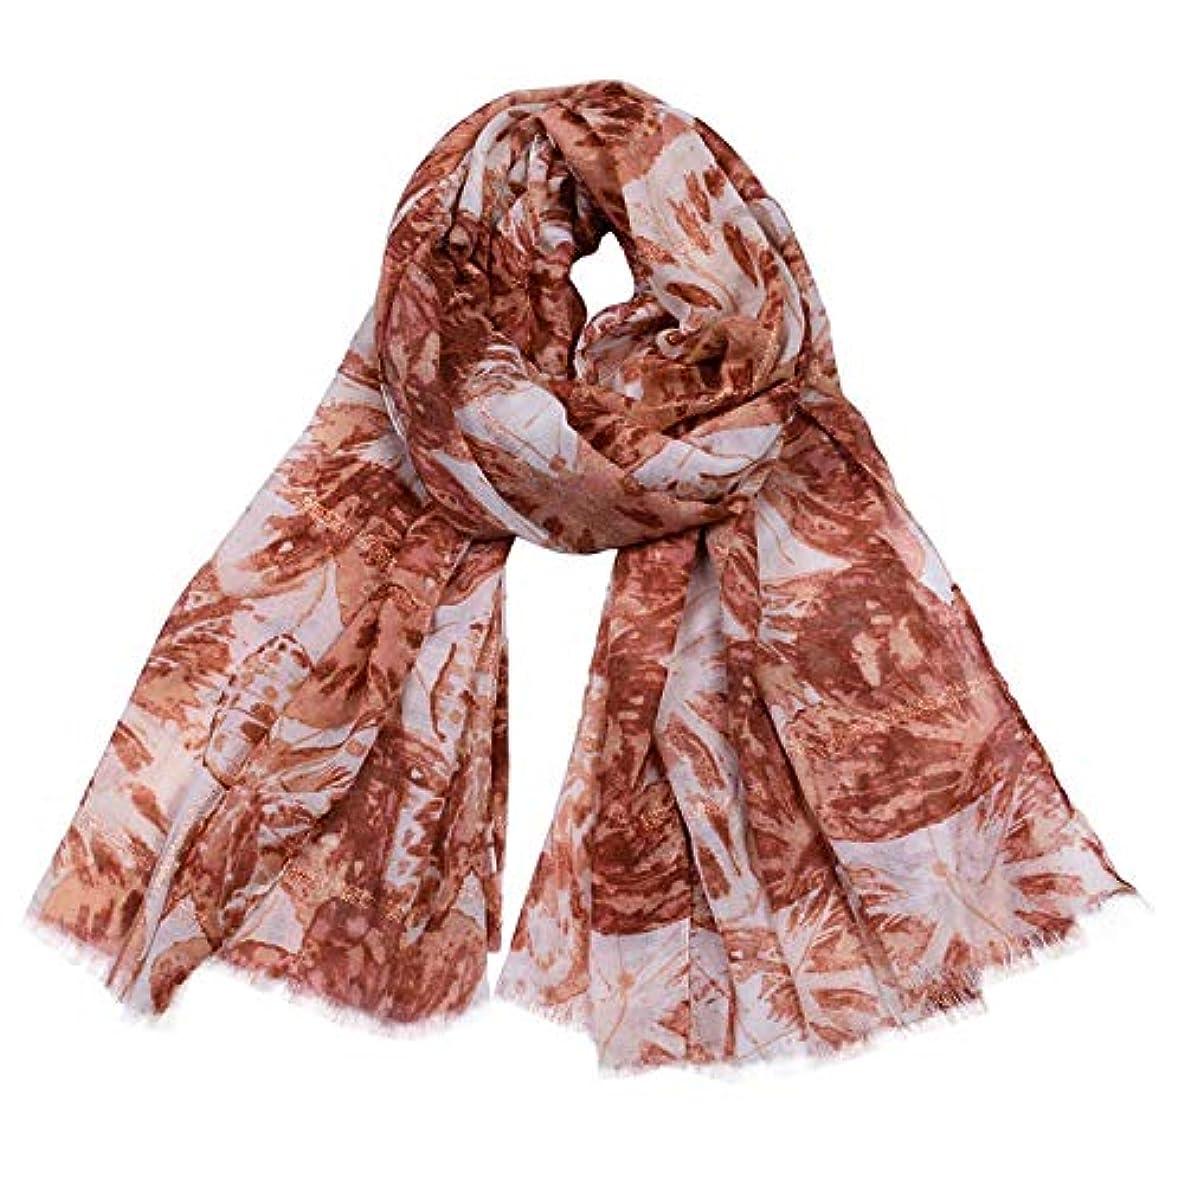 ピル道徳教育へこみスカーフ 綿とリネン 新しい ゴールドワイヤー 蝶プリント ポンピング ショール 四季通用 女性